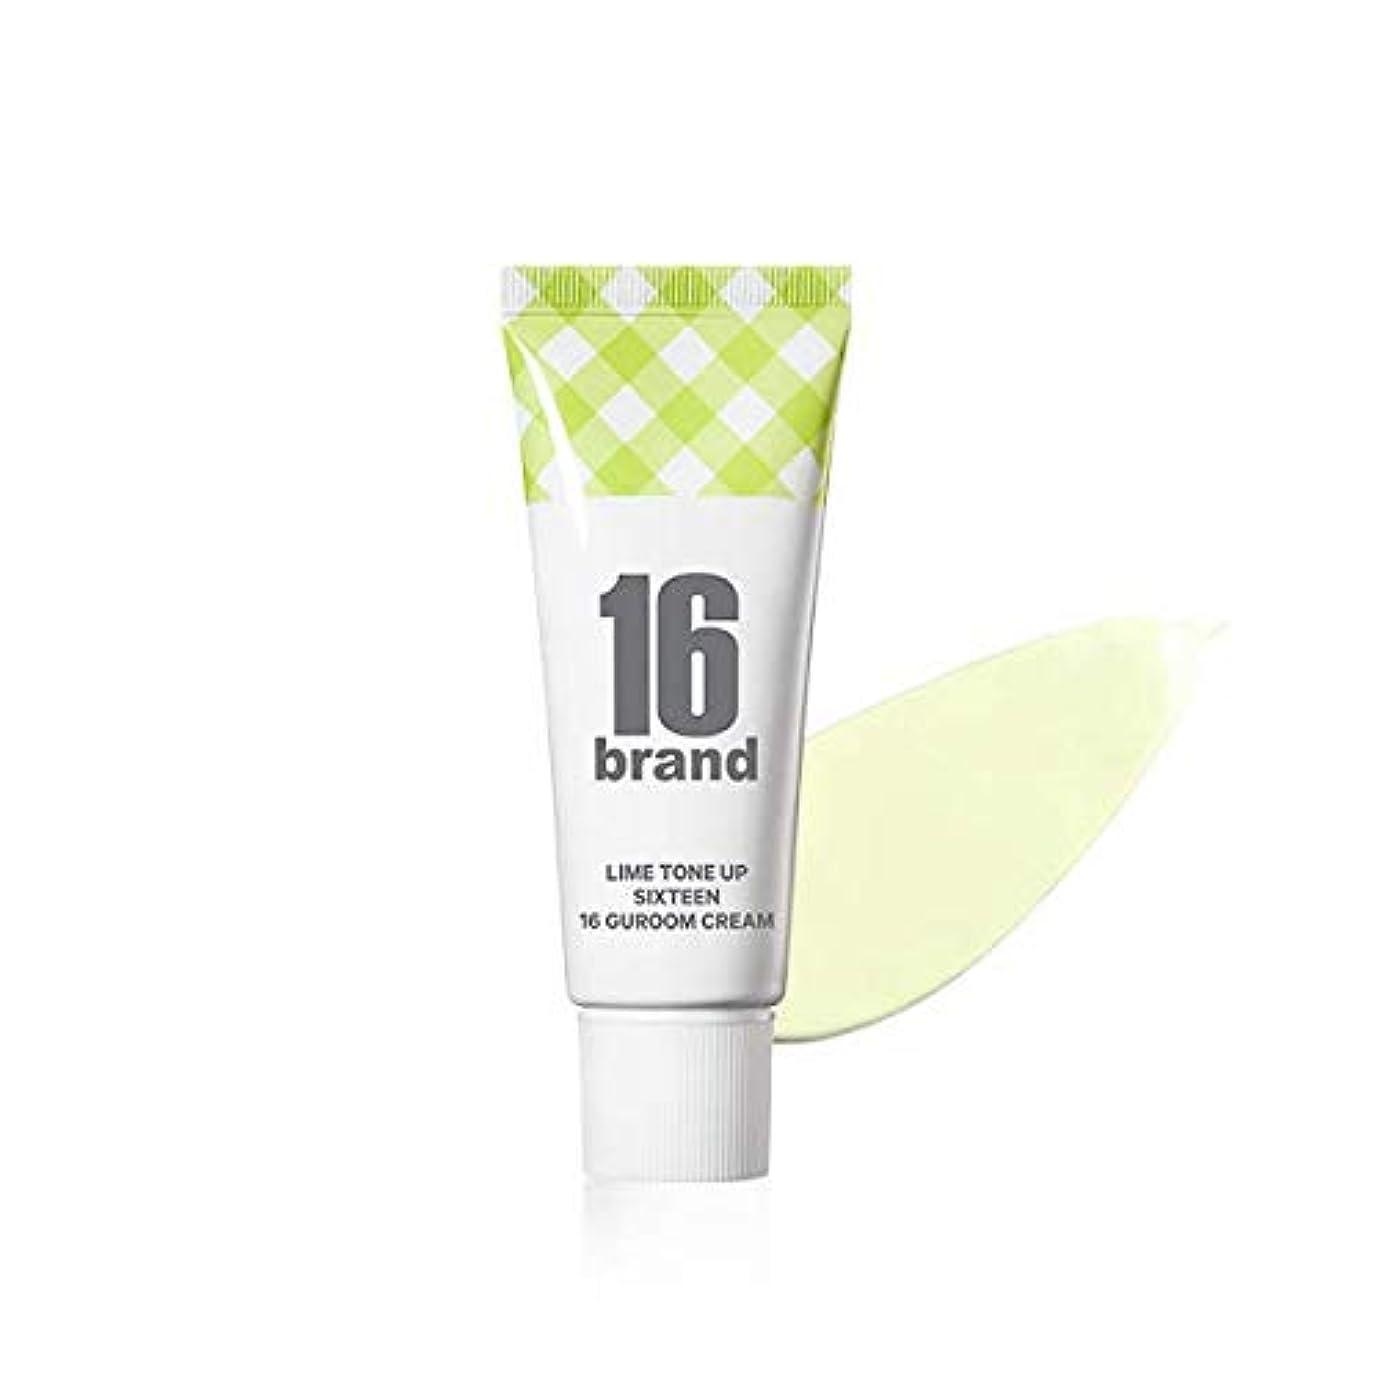 未払い比較ファンド16 Brand Sixteen Guroom Lime Tone Up Cream * 30ml (tube type) / 16ブランド シックスティーン クルム ライムクリーム SPF30 PA++ [並行輸入品]